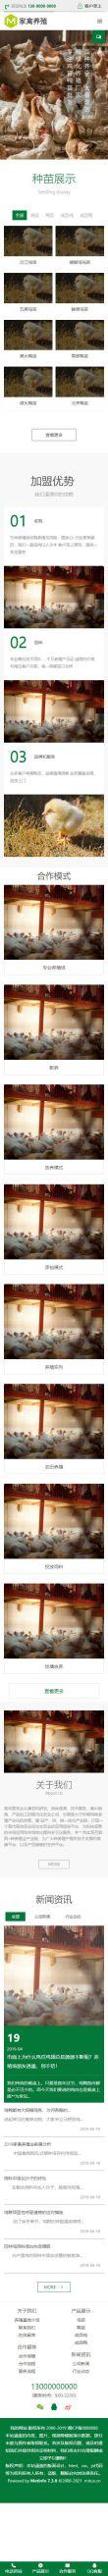 养鸡场网站模板,养鸡场网页模板,养鸡场响应式模板